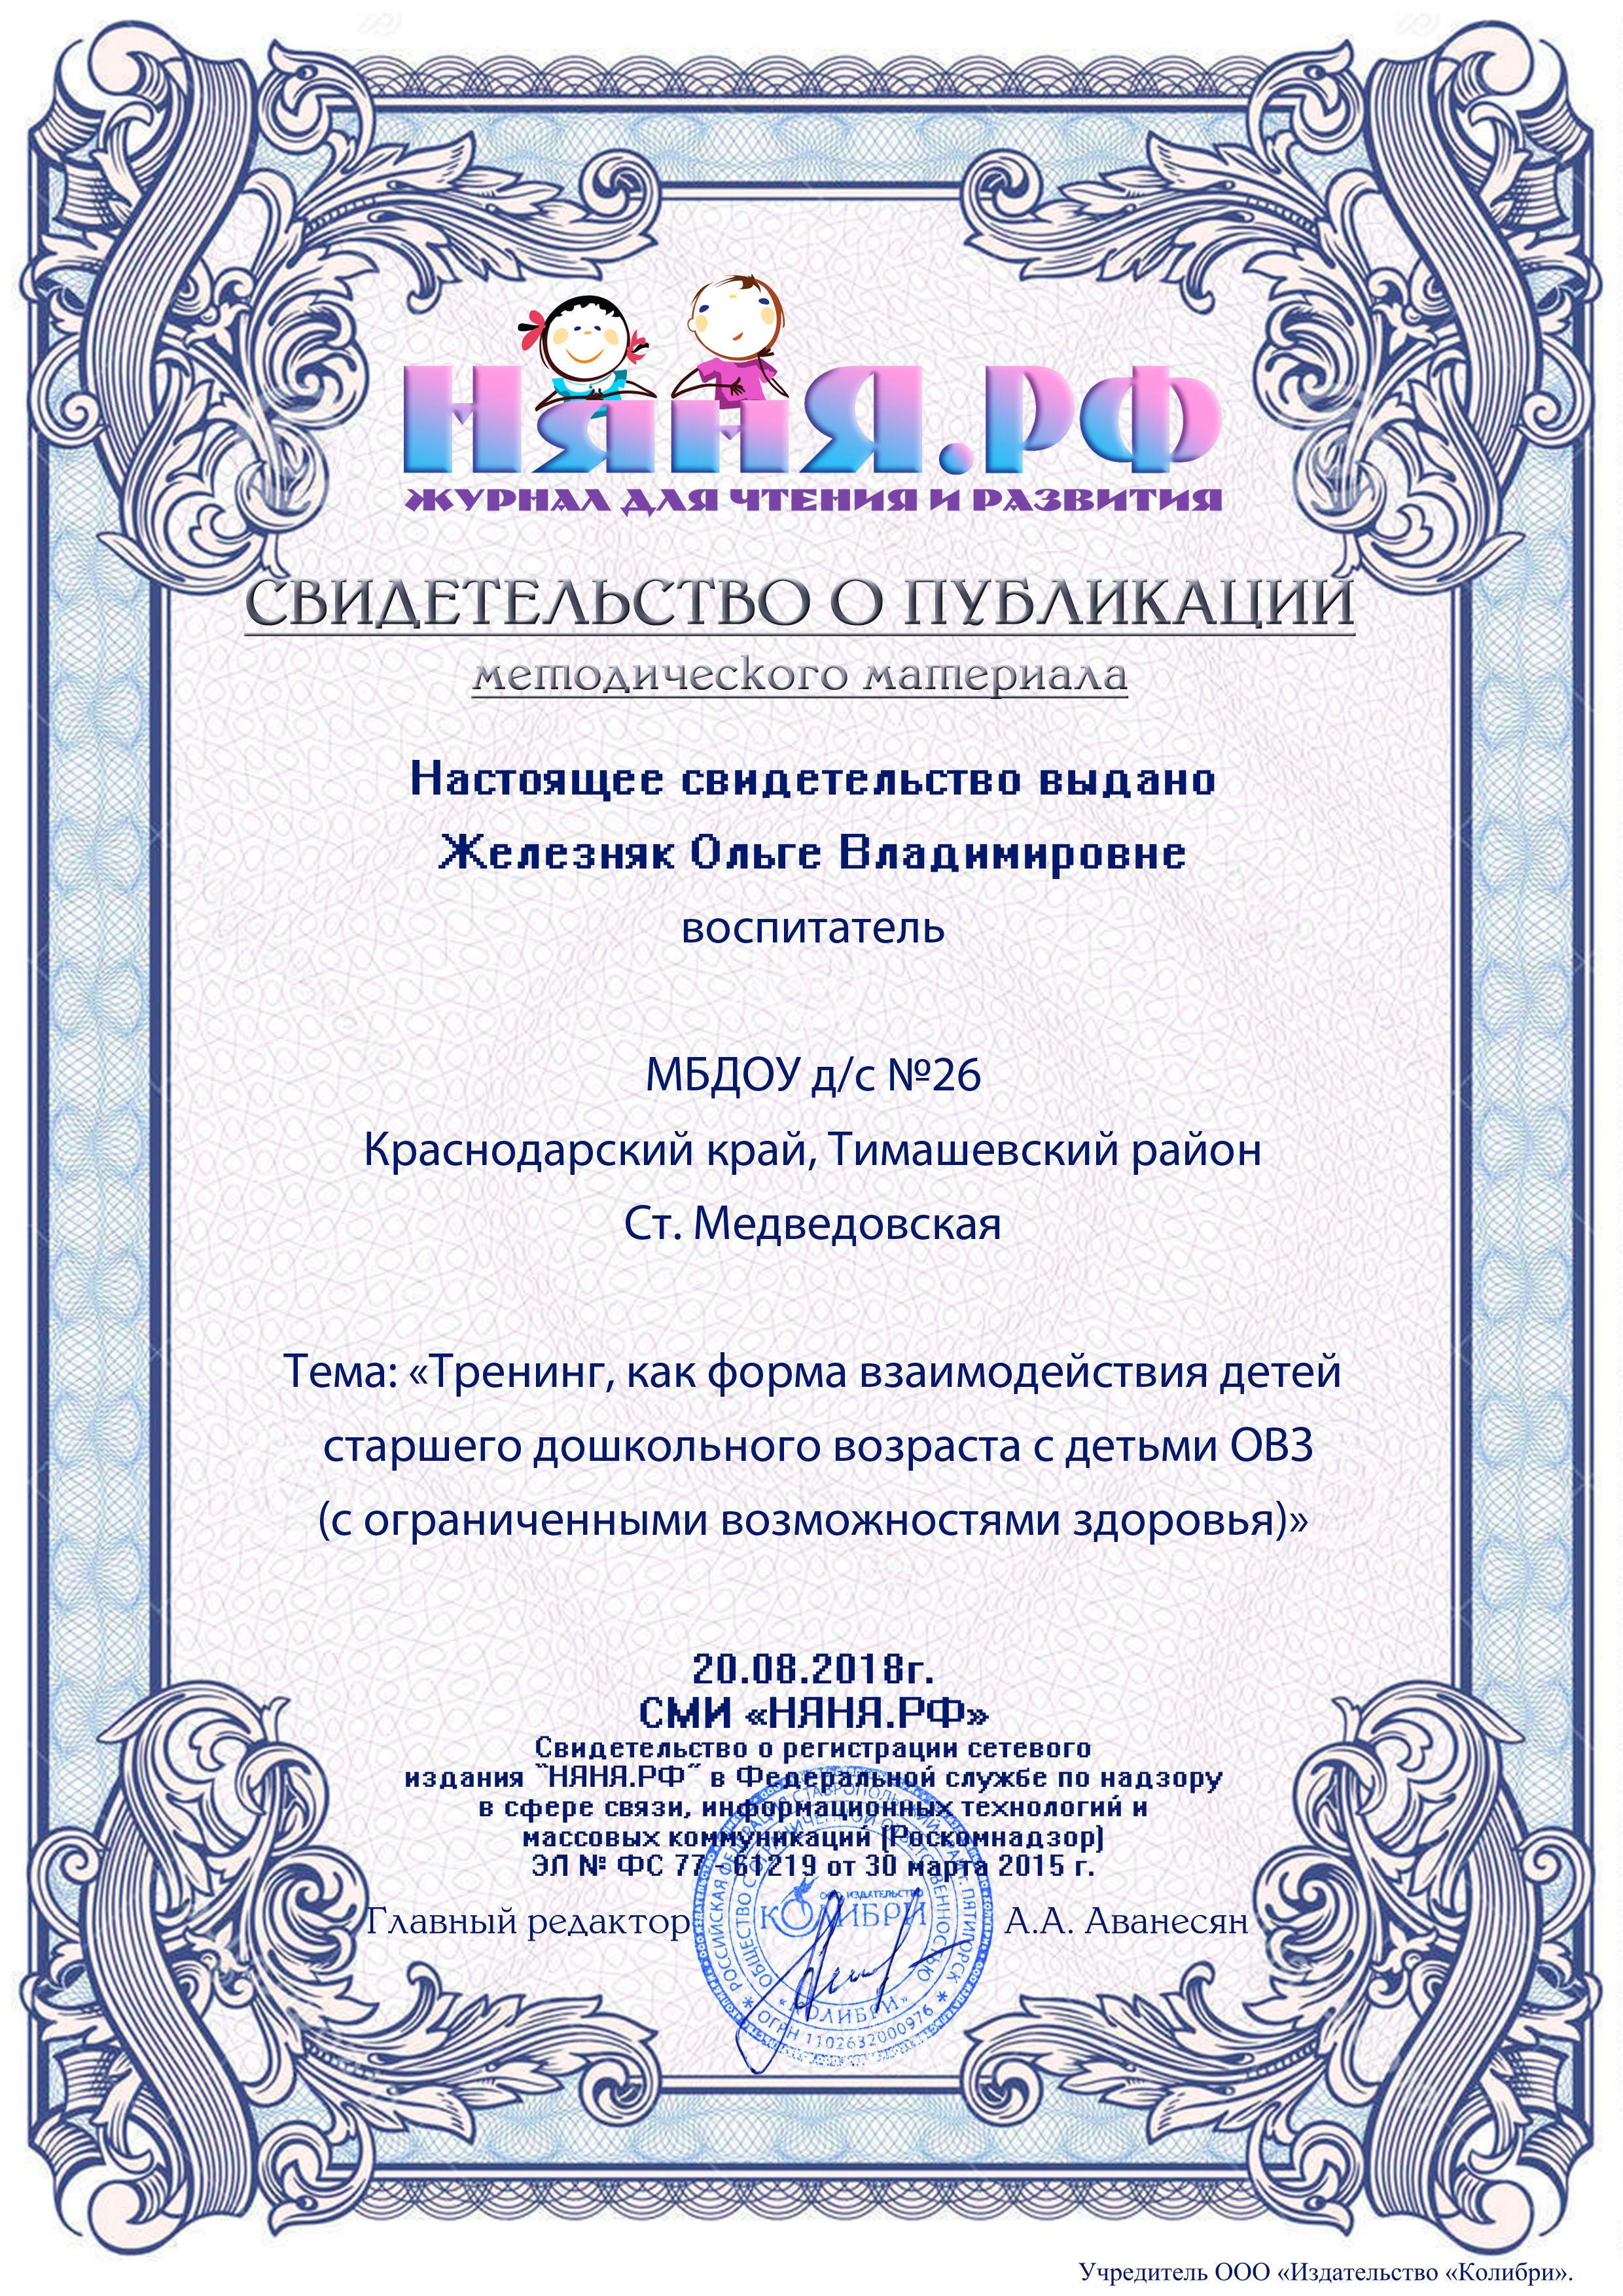 Сертификат железняк